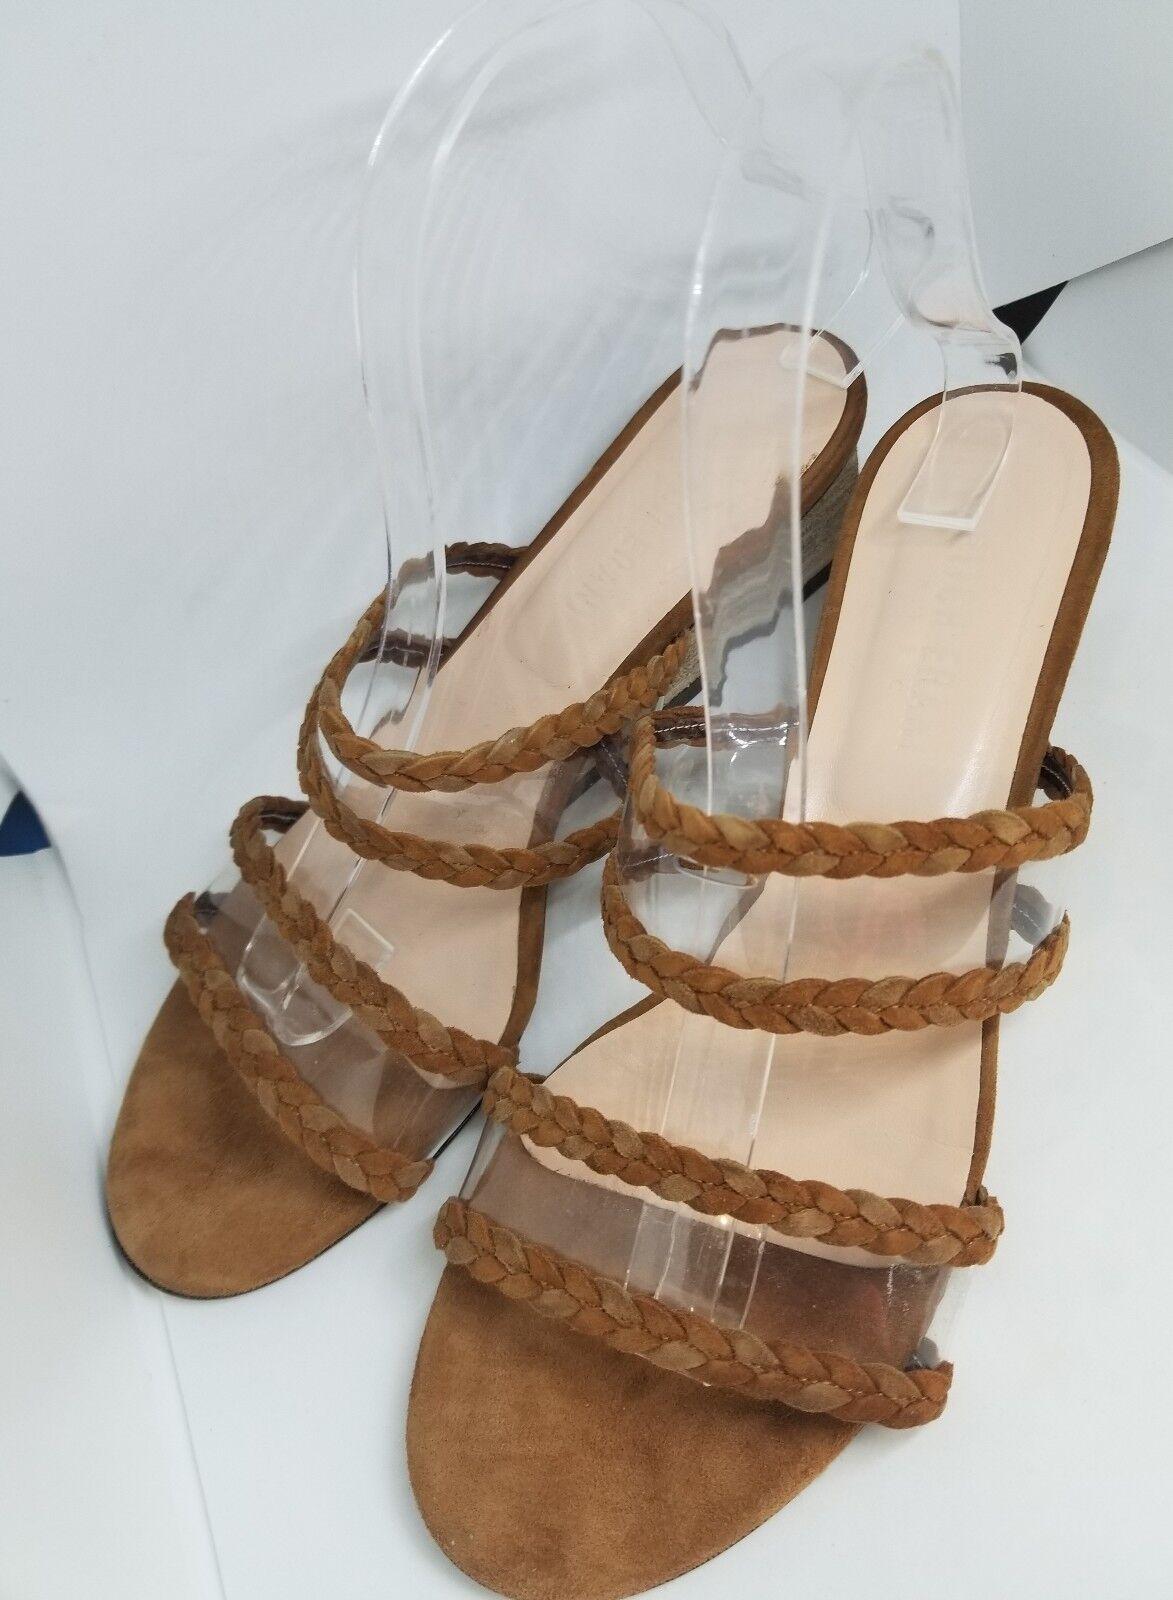 RITCH ERANI NYFC Rit 10 sandals size 40 US 10 Rit 97bd11